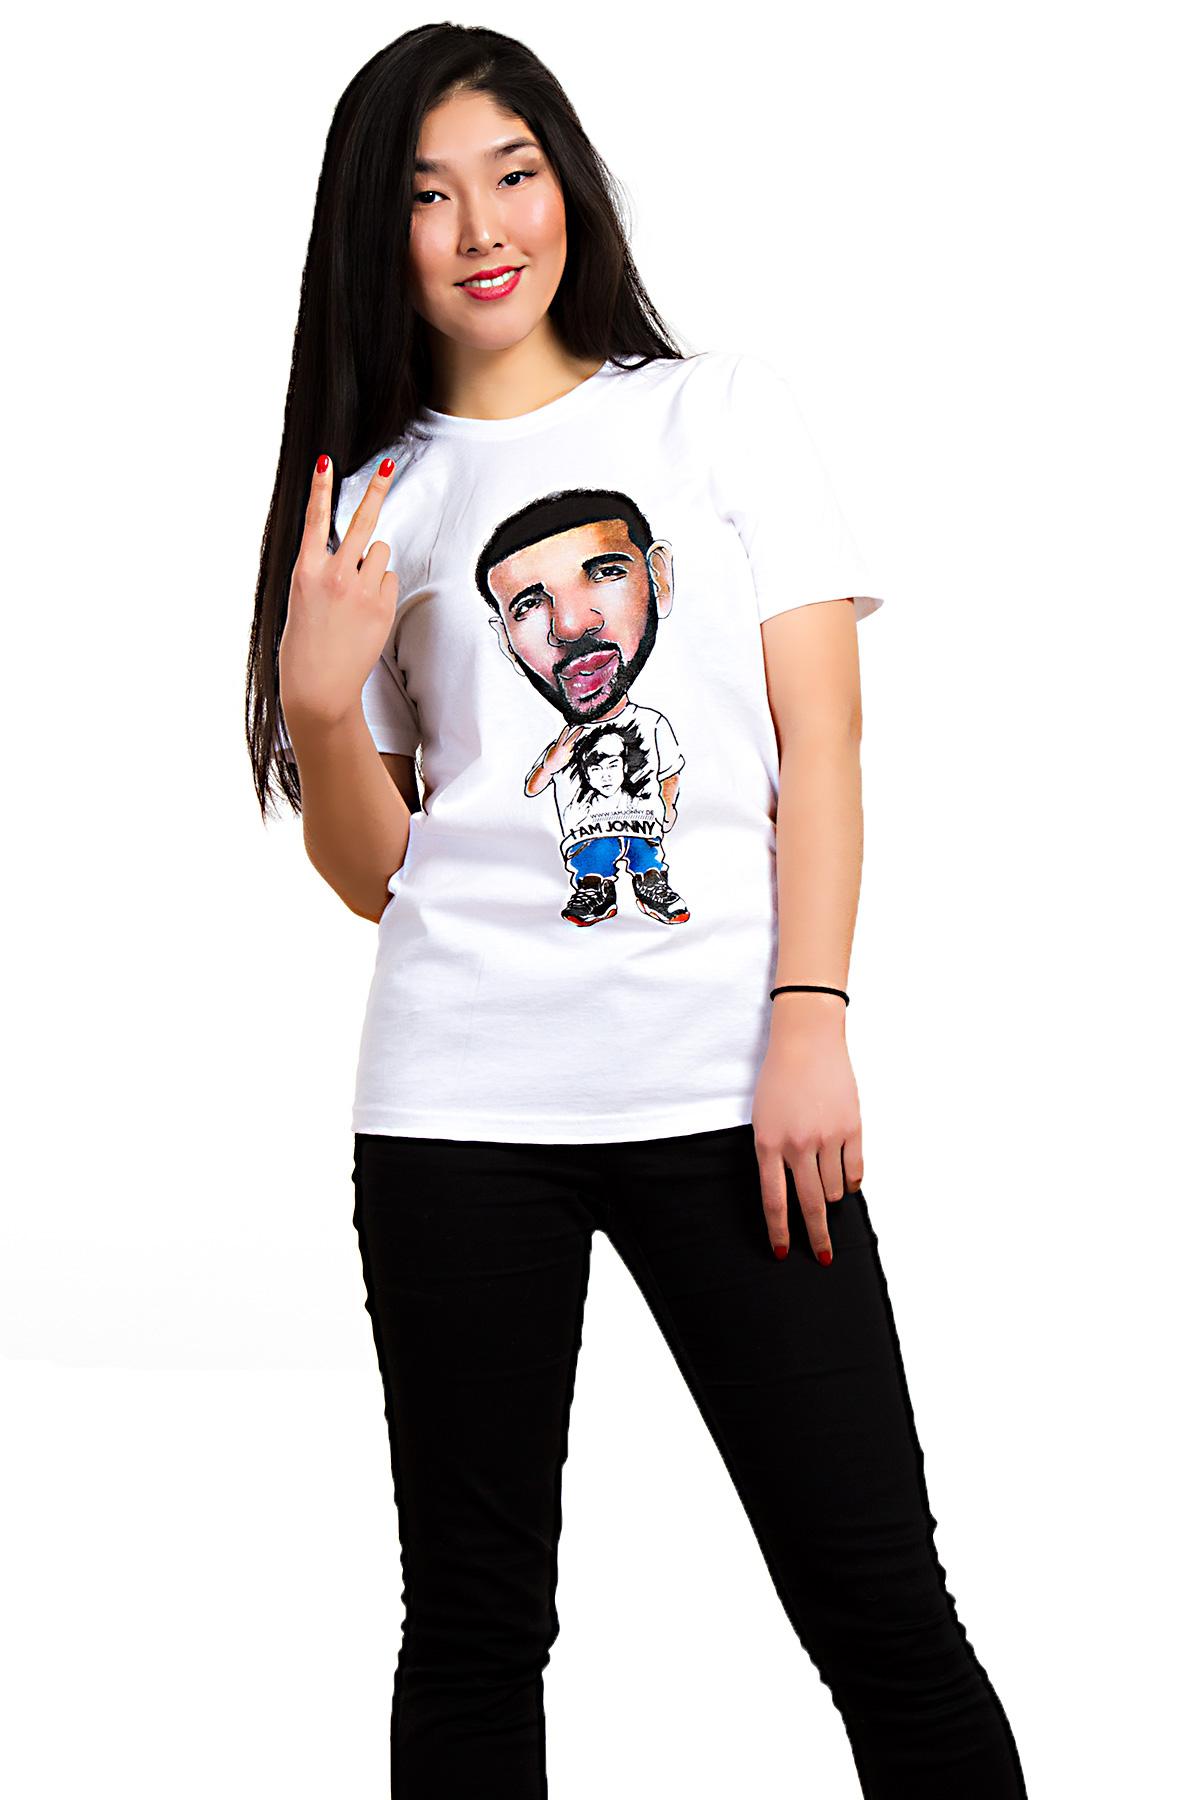 I Am Jonny Drizzy Caricature Fan T-Shirt in White by Oatdaheo